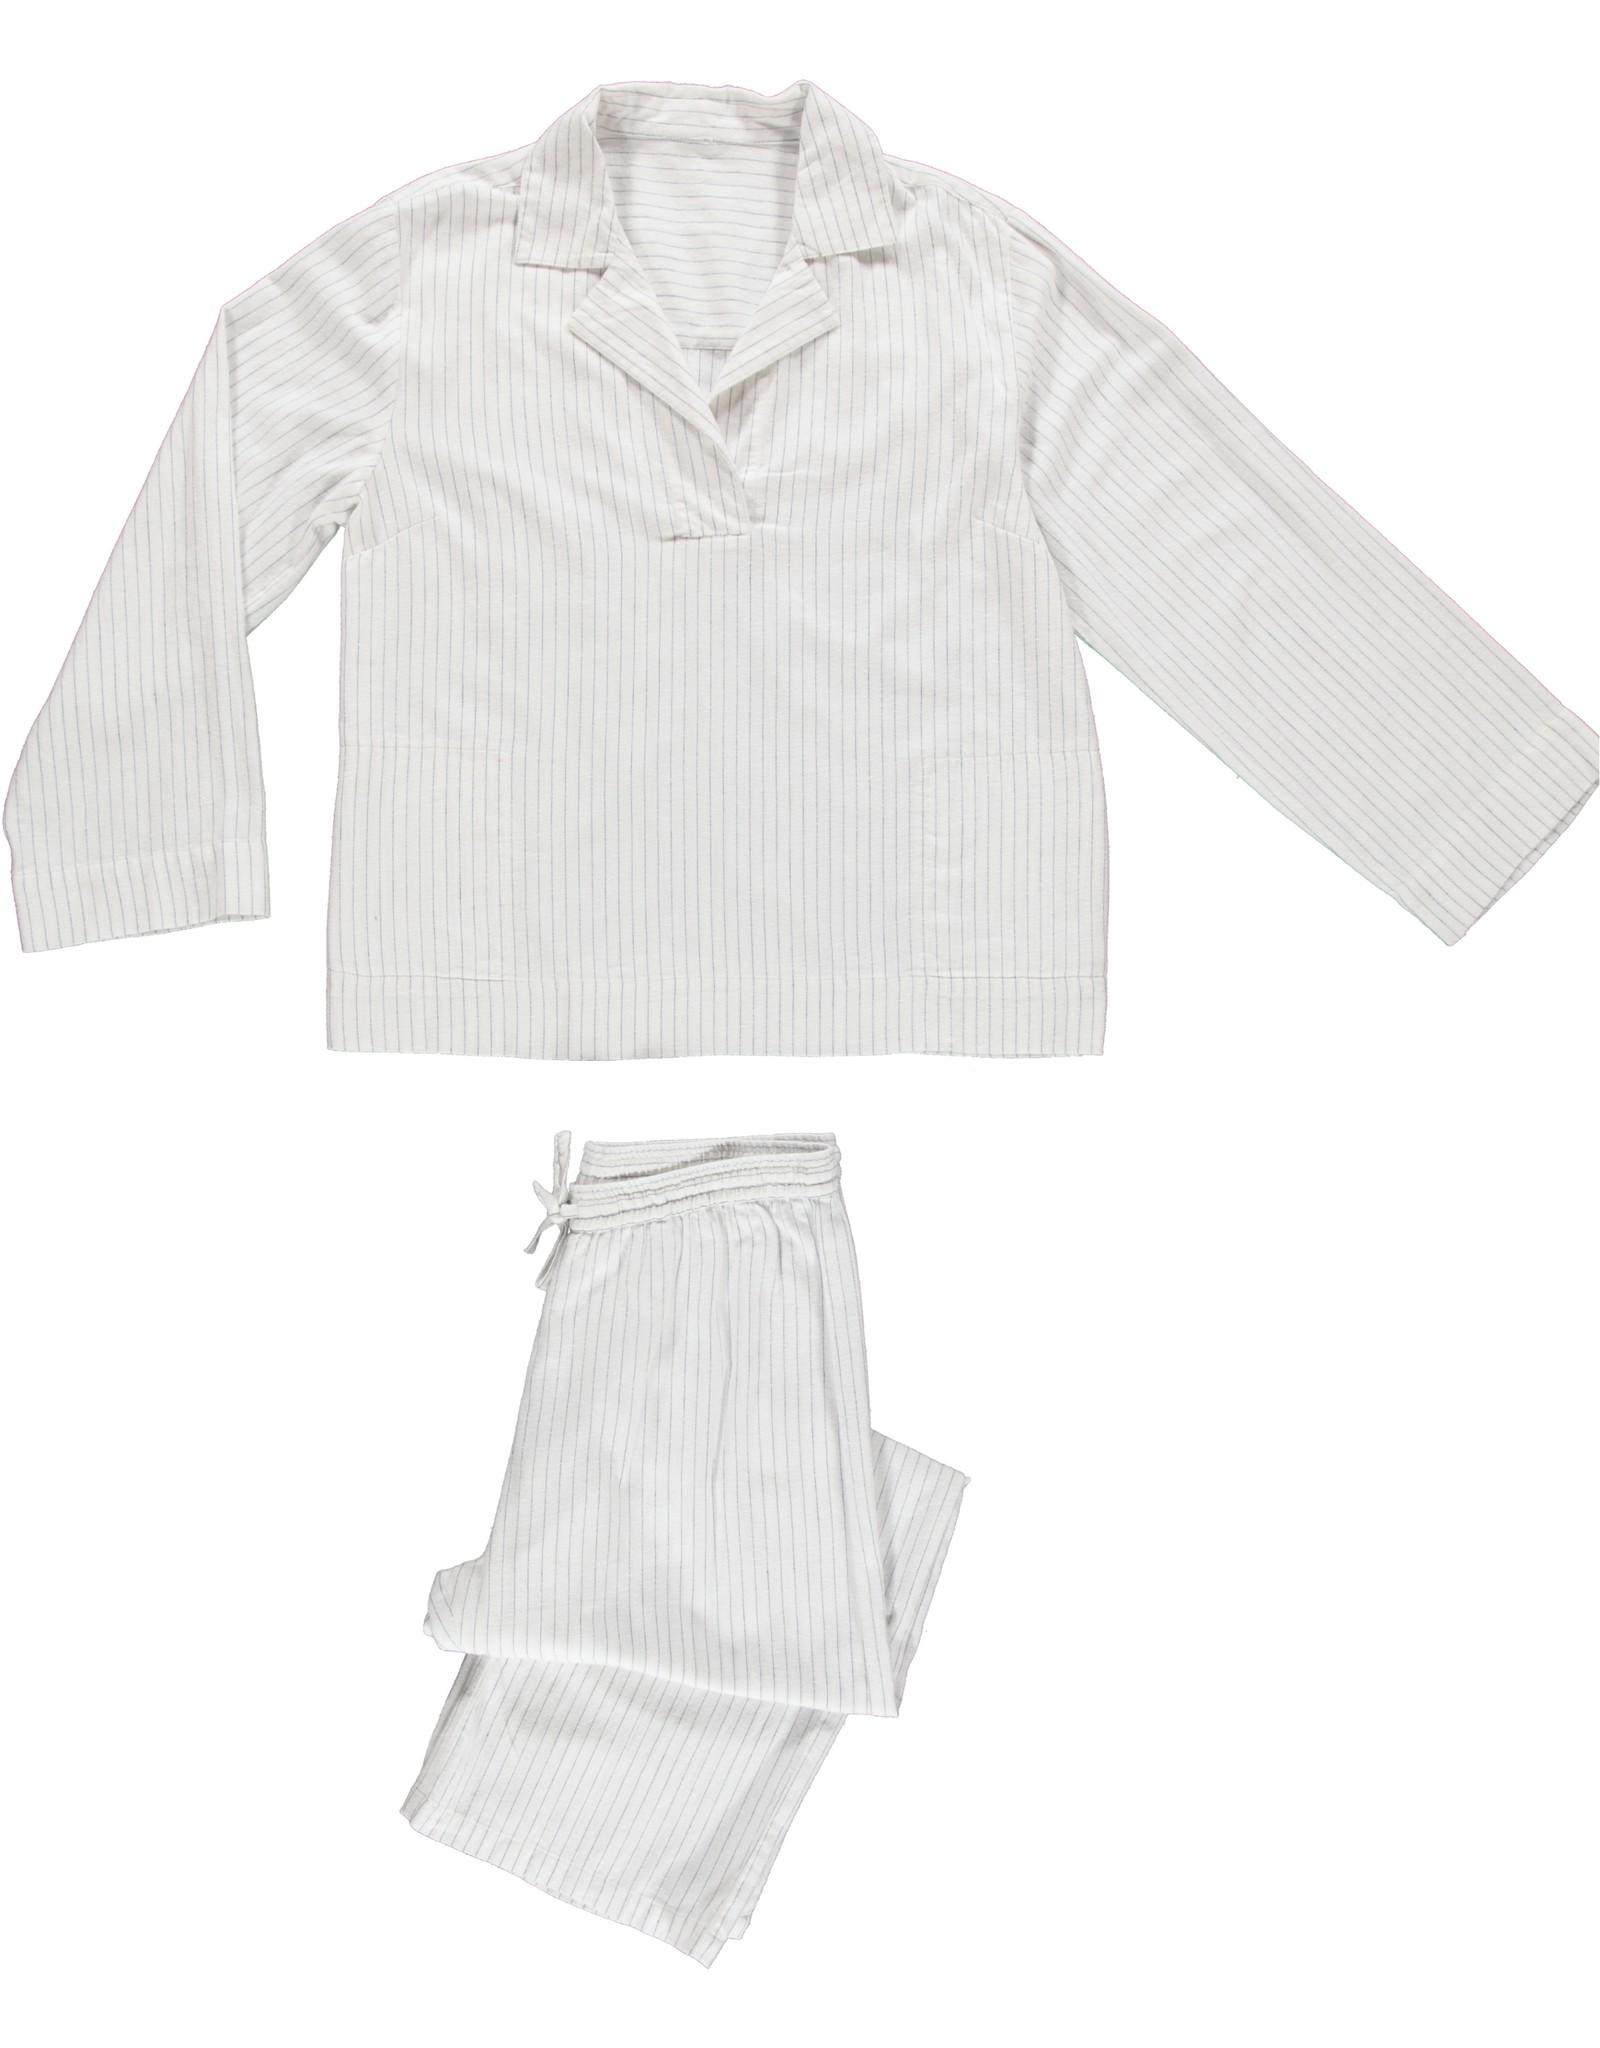 Dorélit Femia + Alkes | Pajama Set Woven | Pin Stripe